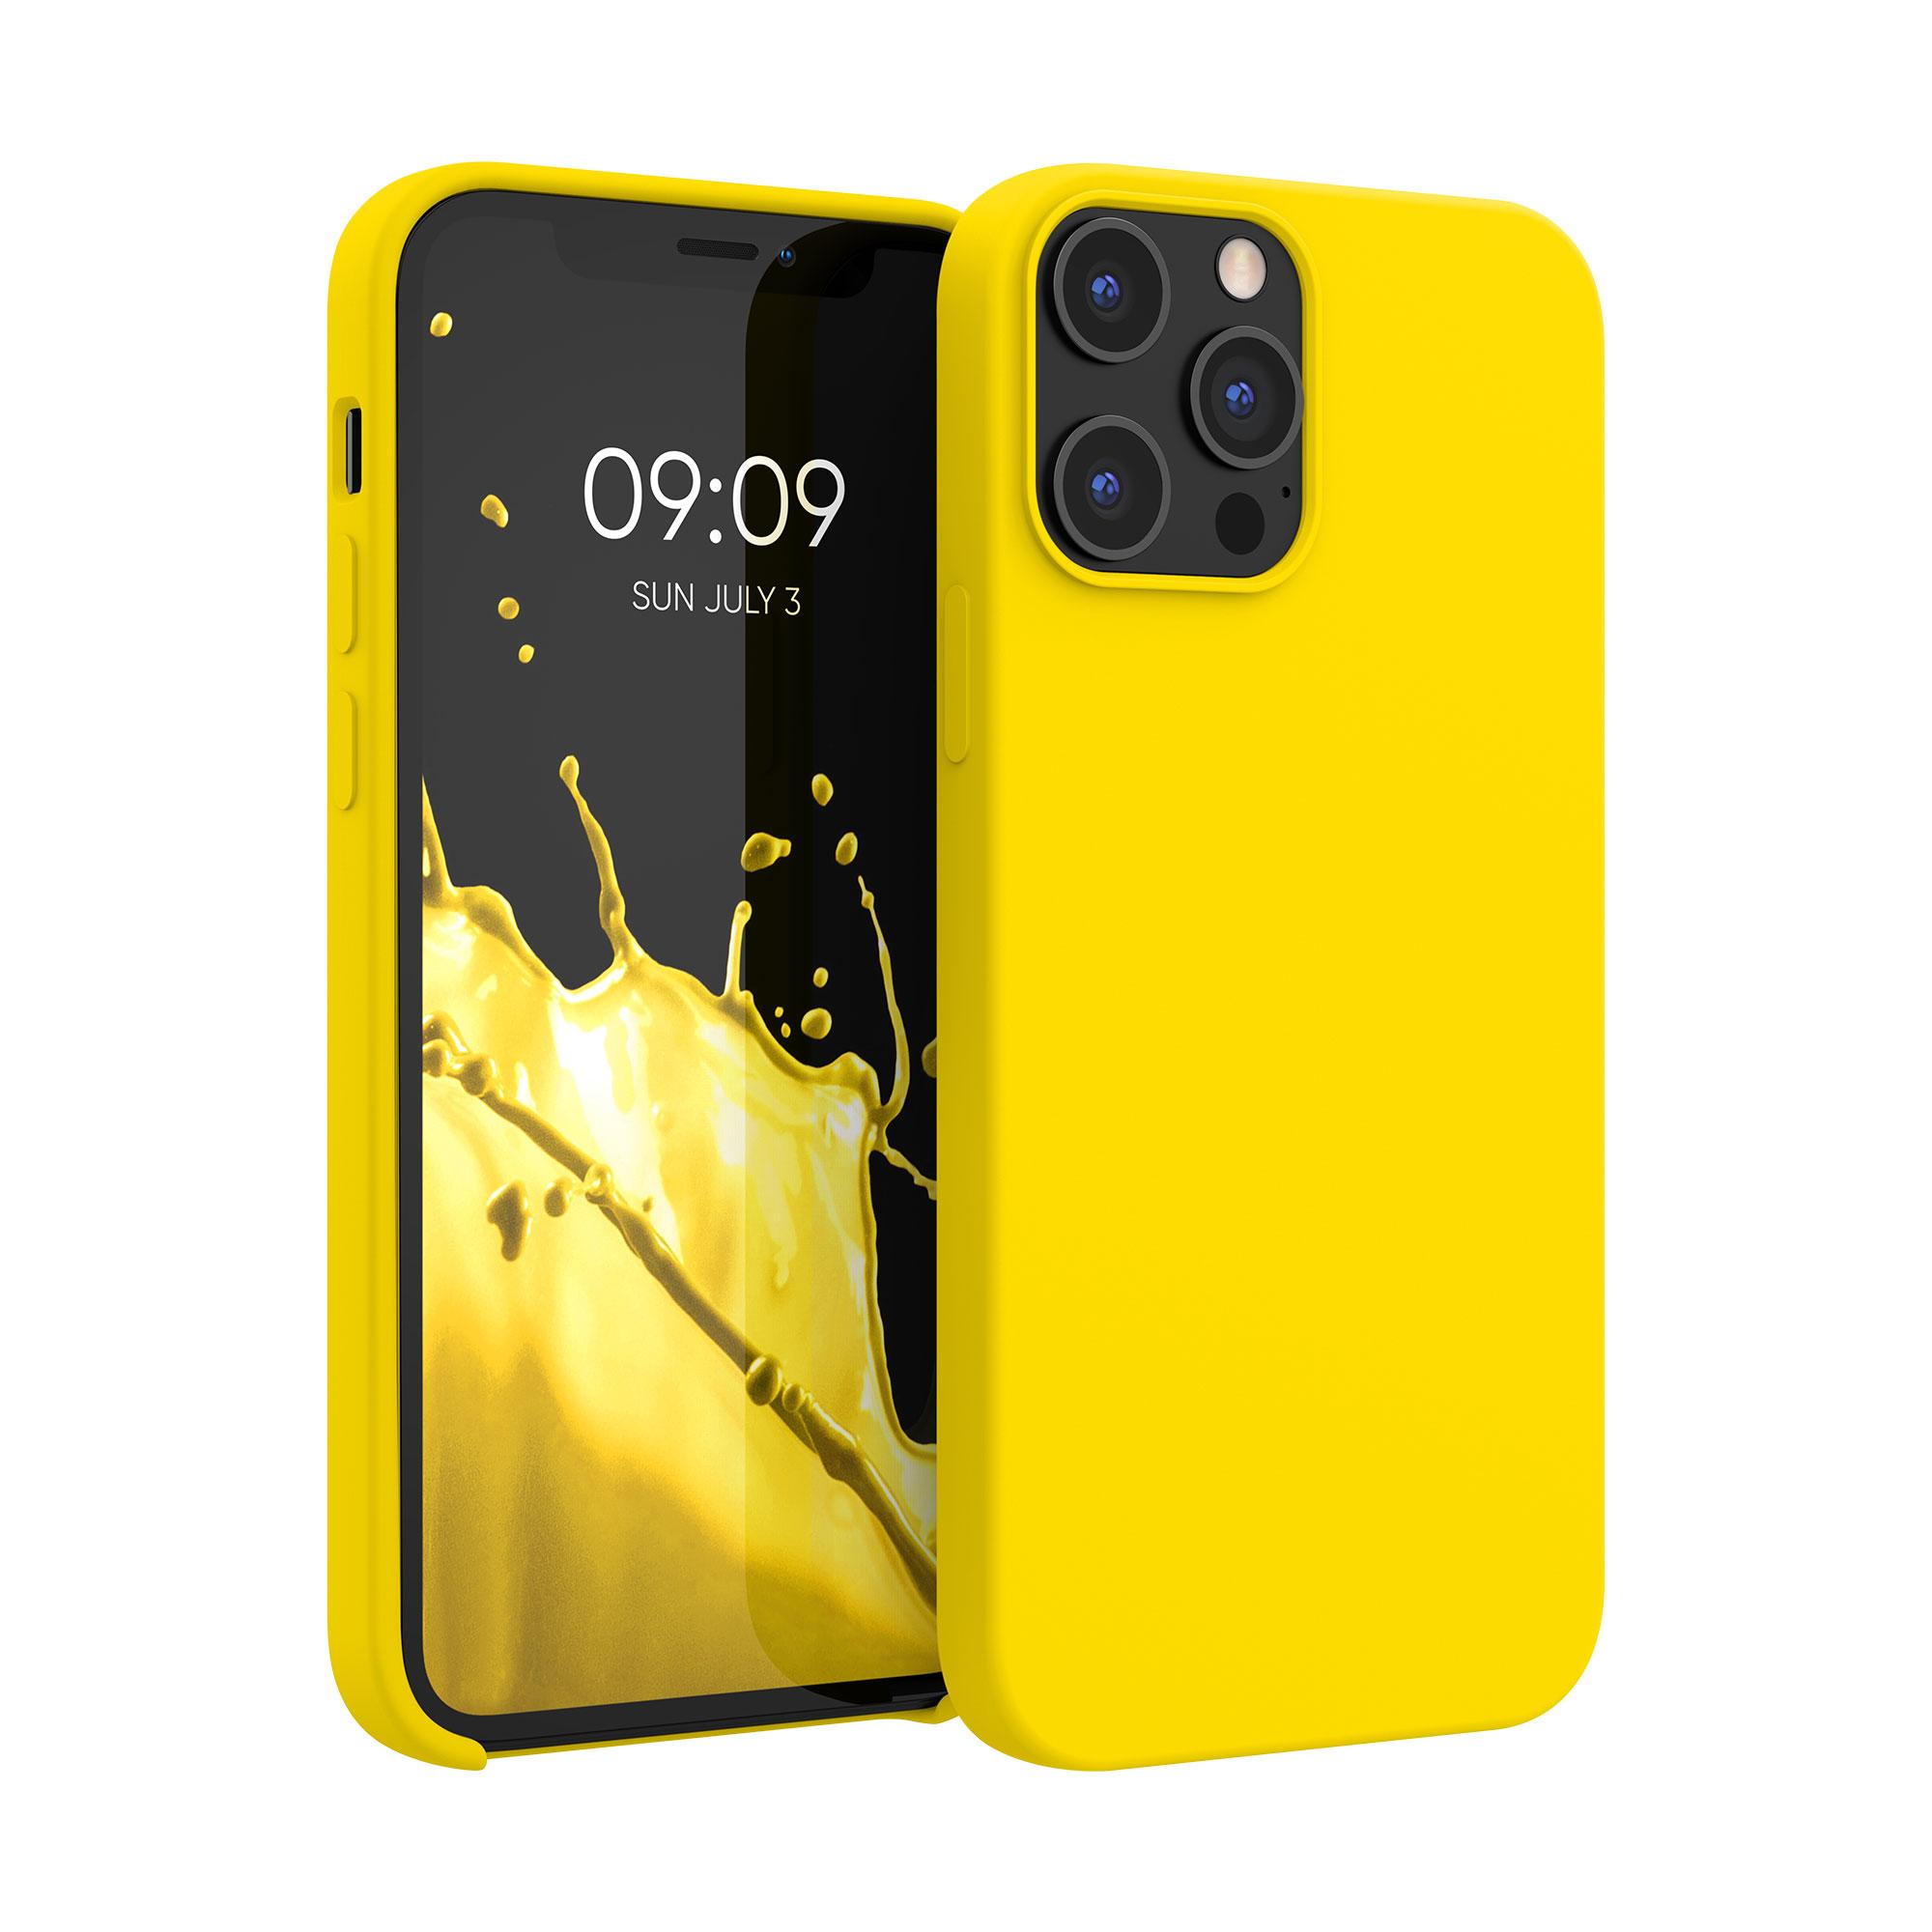 Kvalitní silikonové TPU pouzdro pro Apple iPhone 12 Pro Max - Vibrant Yellow